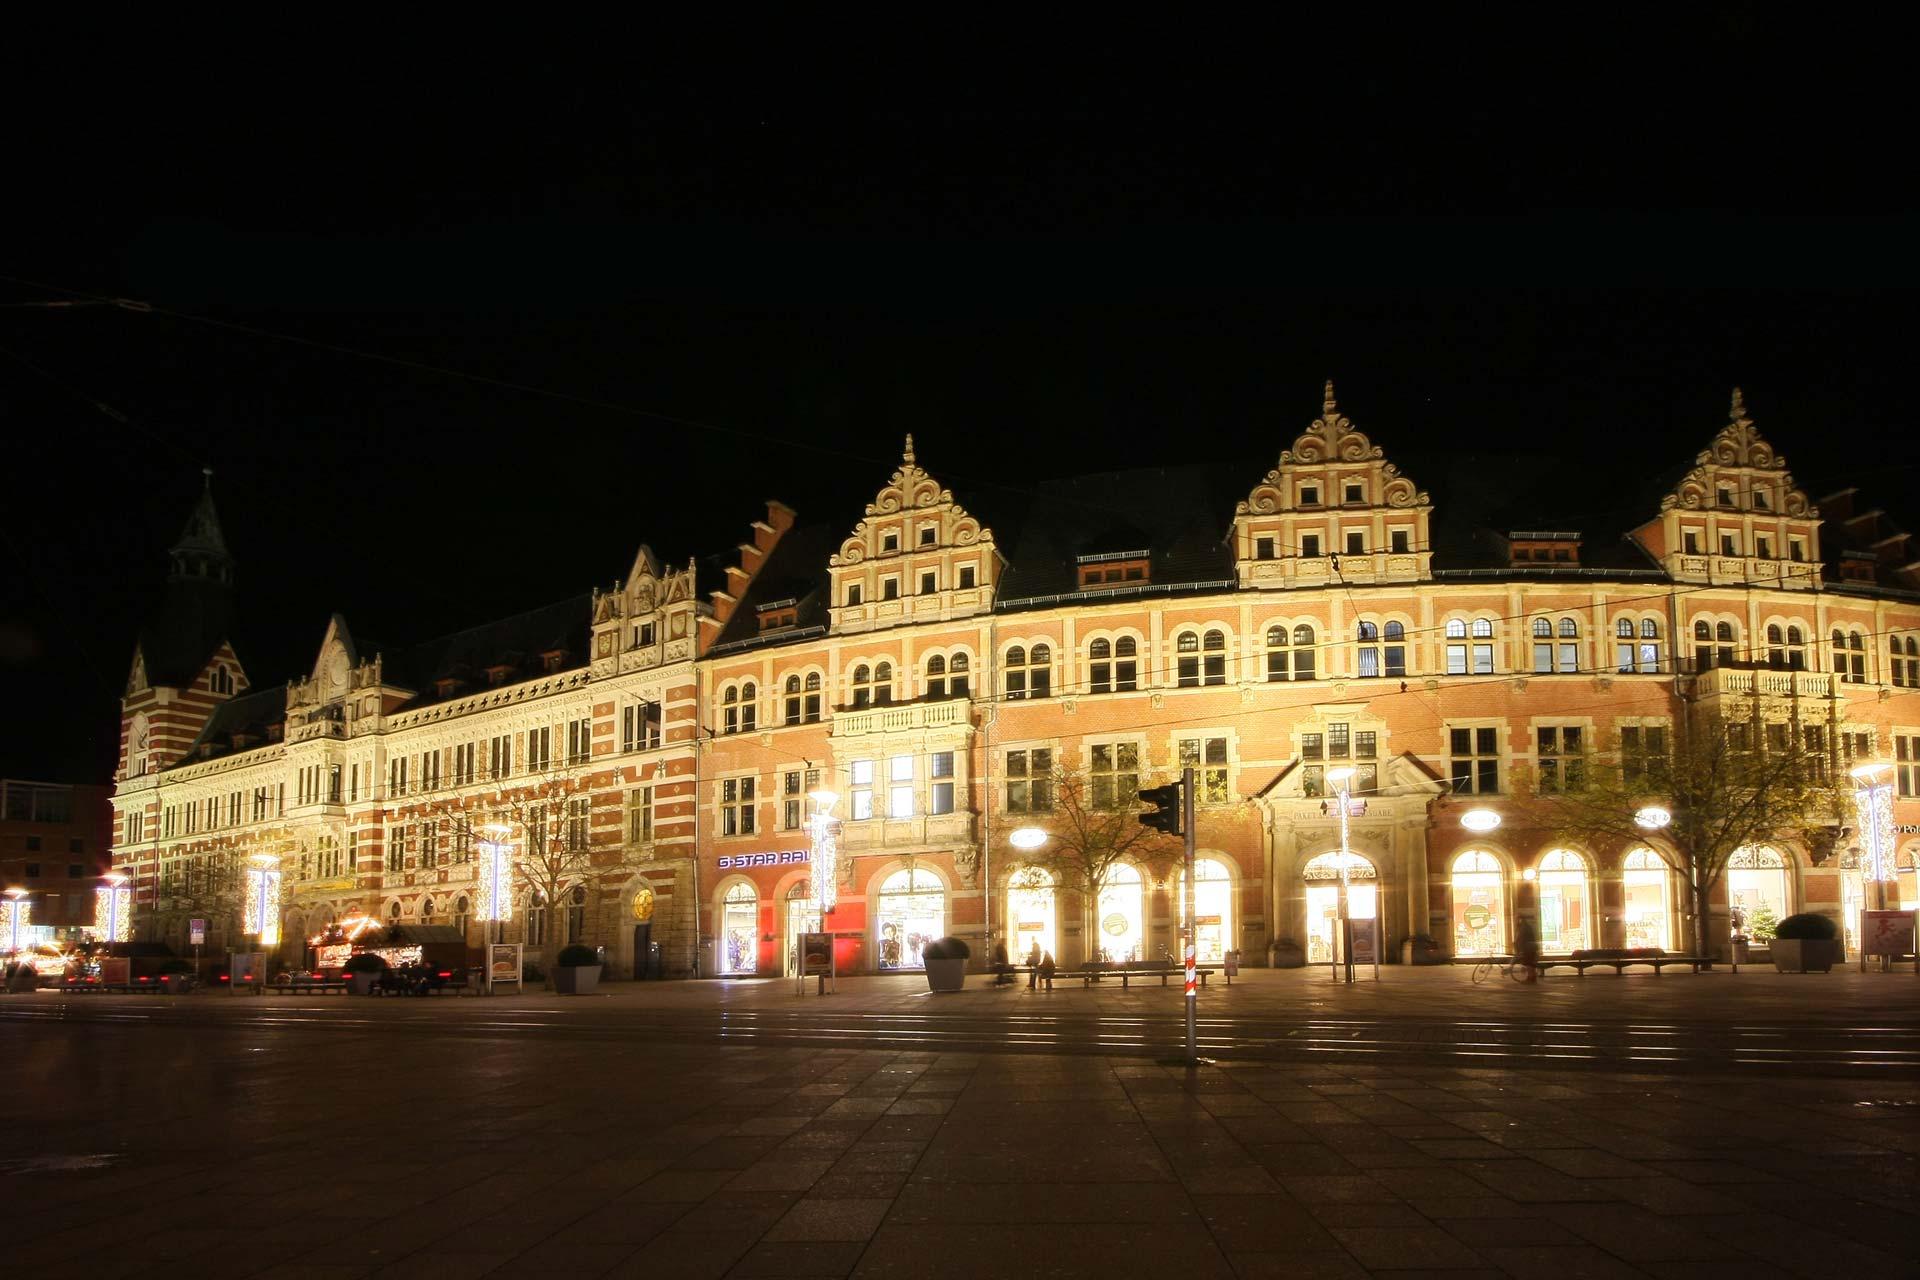 MAASS-Lichtplanung_Fassadenbeleuchtung Hauptpost Erfurt__IMG_1266.bearb_